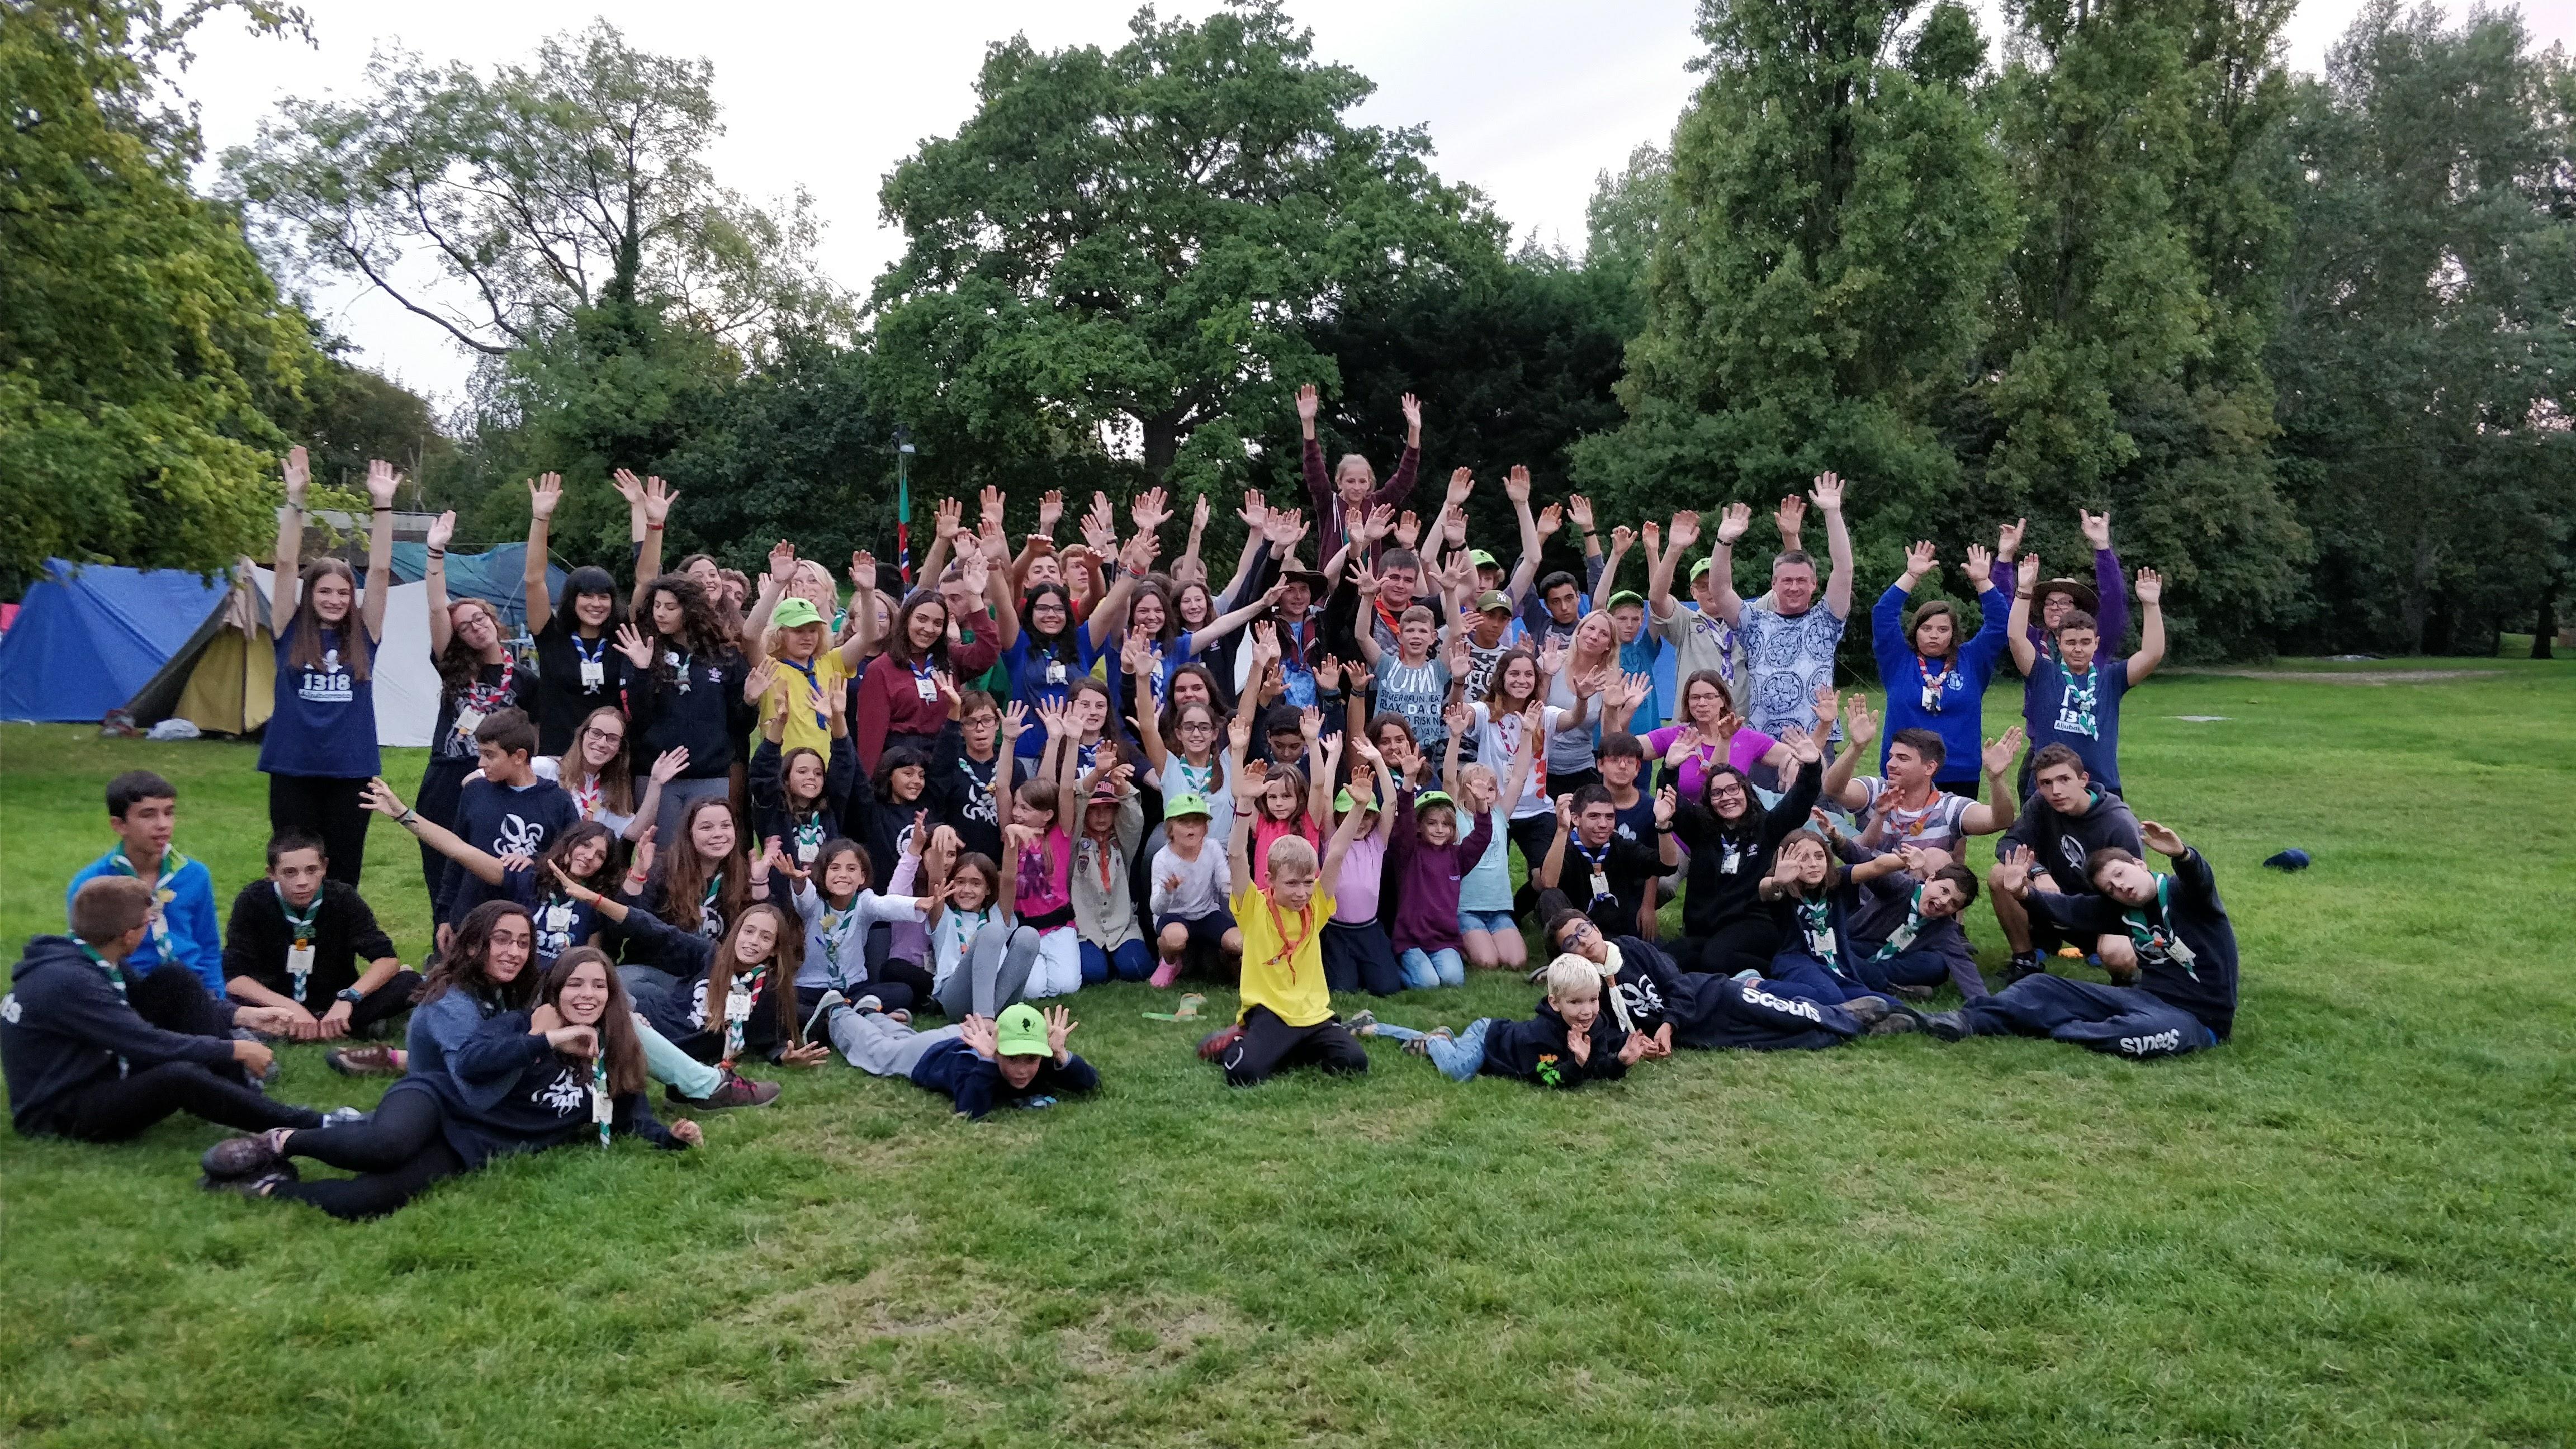 Abschlussfoto in Gilwell Park, gemeinsam mit dem Stamm Aljubarrota aus Portugal.